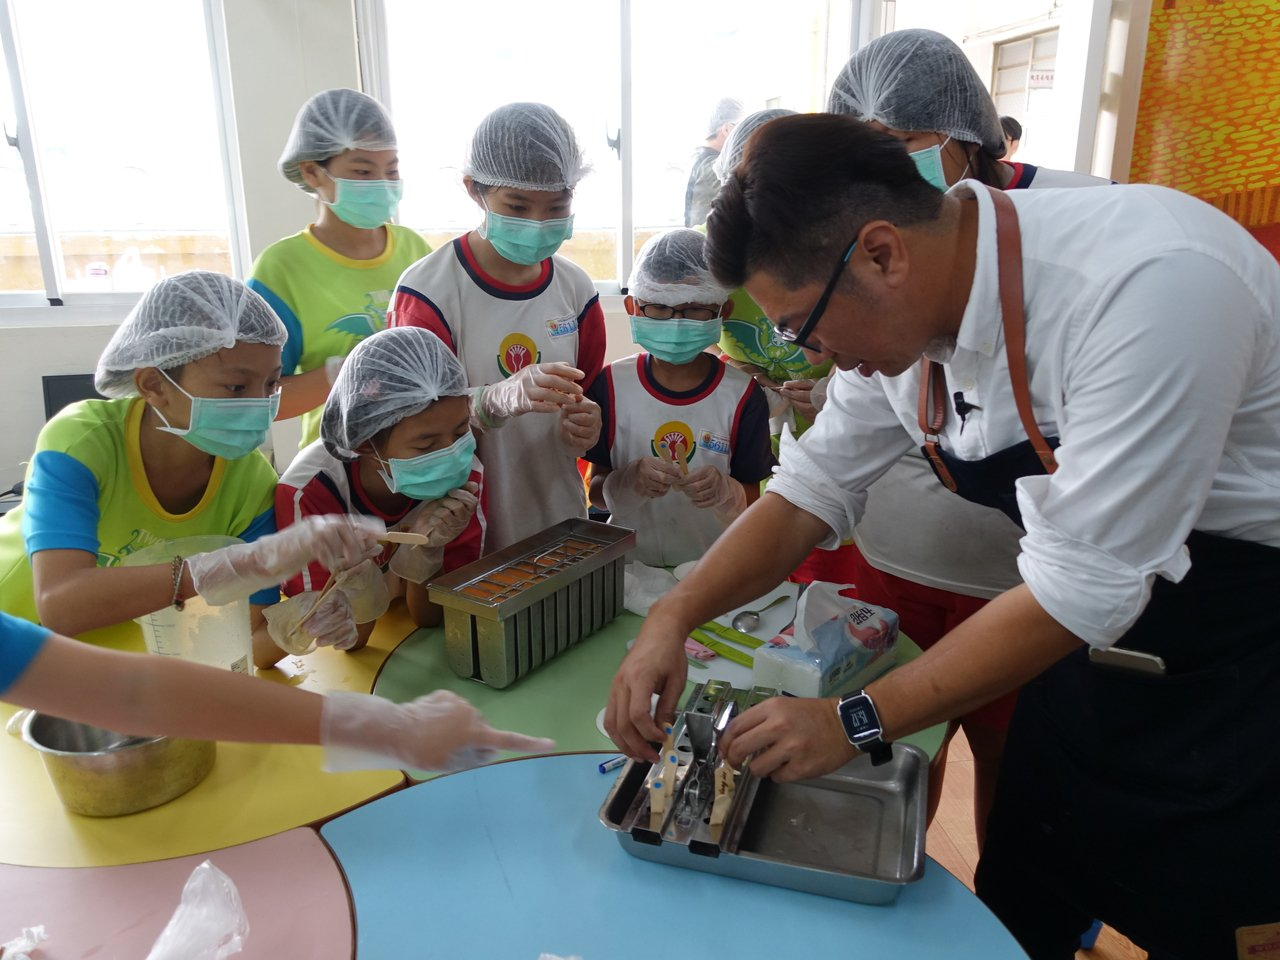 手工冰棒達人洪英哲走進台南市大同國小,教作手工冰棒。記者鄭惠仁/攝影